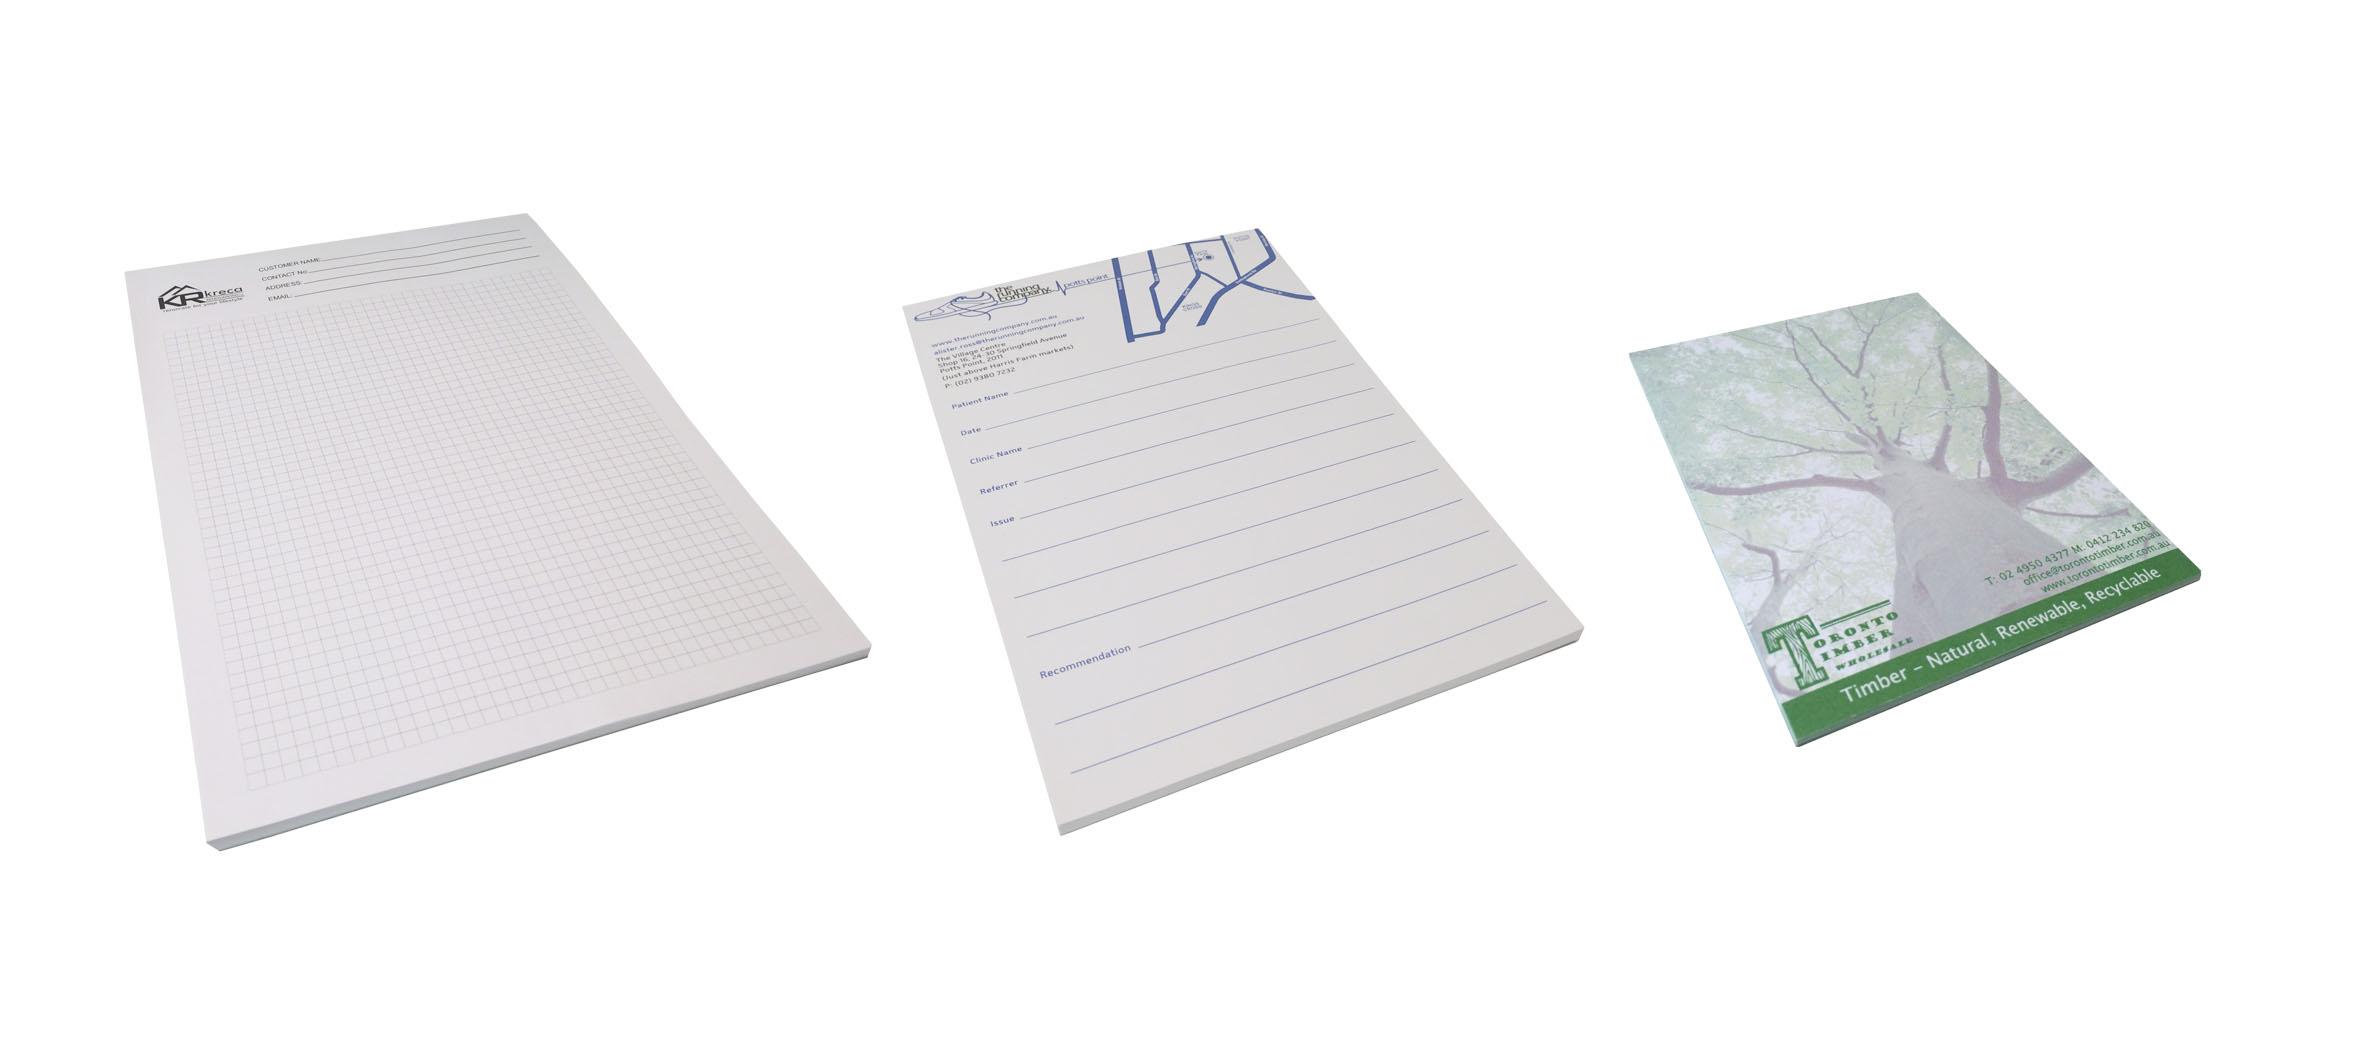 A6 / A5 / A4 Notepads